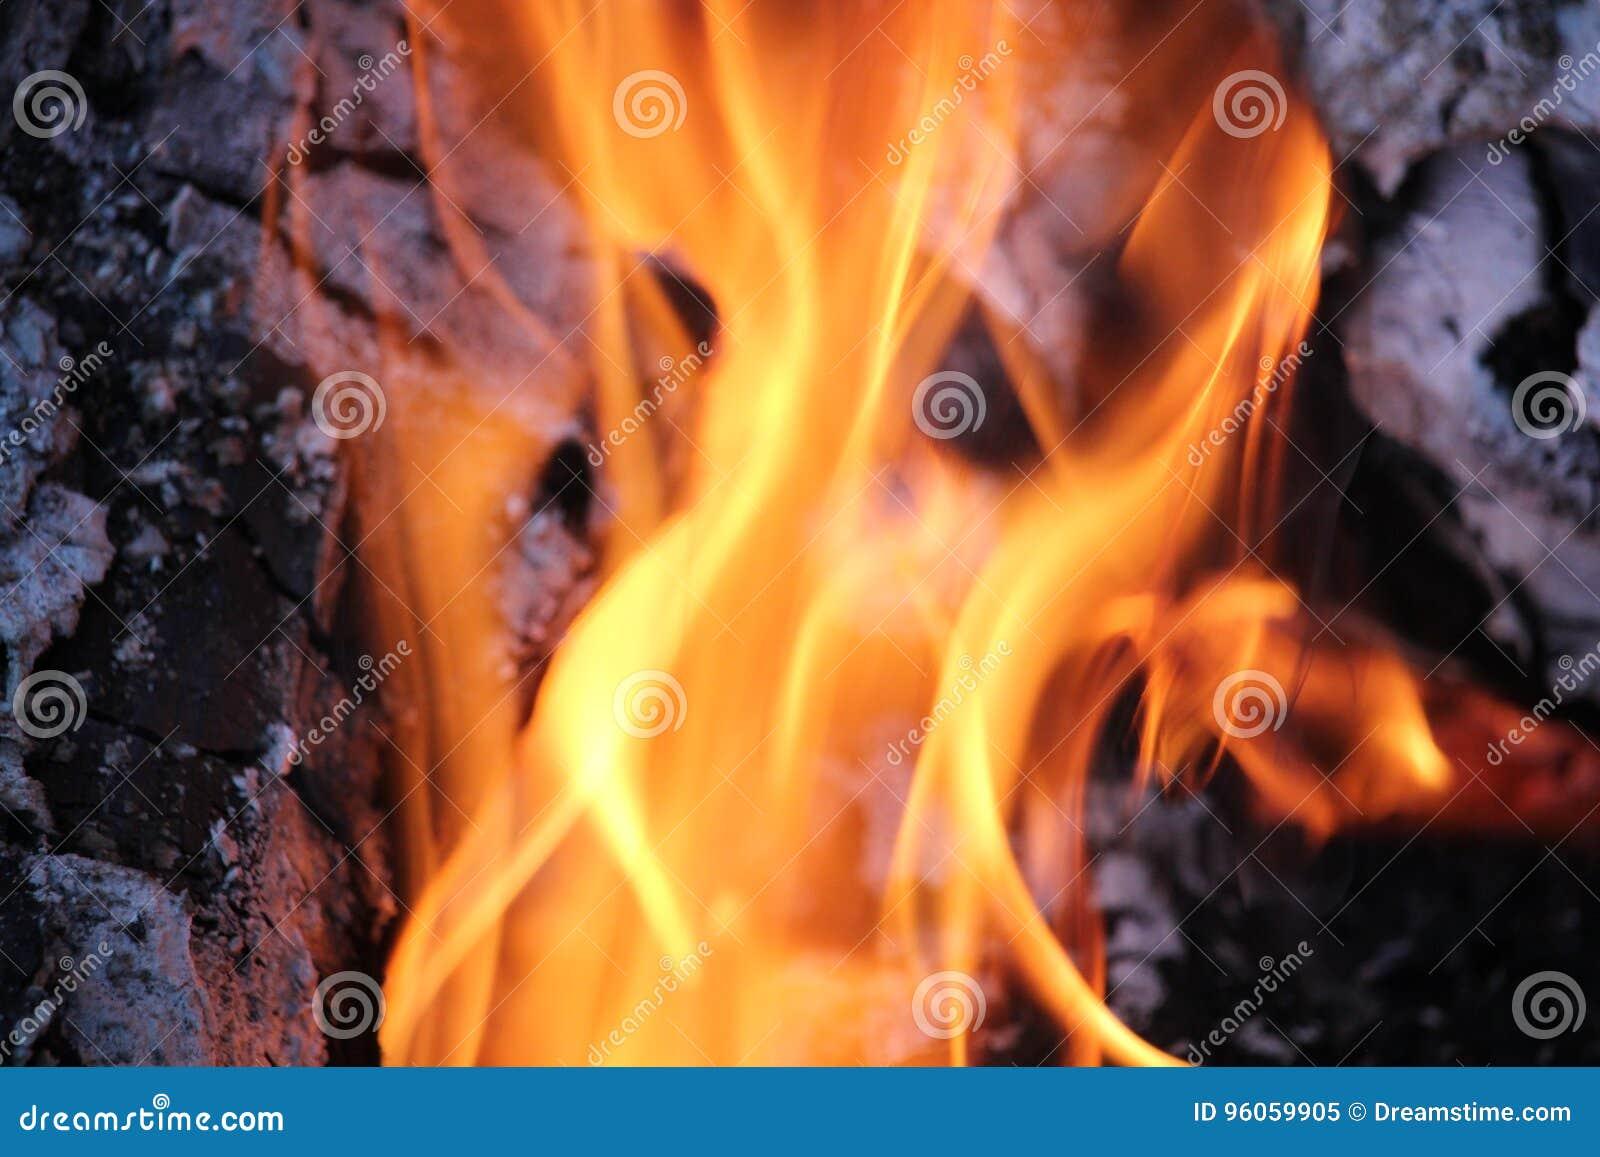 Rondins brûlants avec les flammes nues